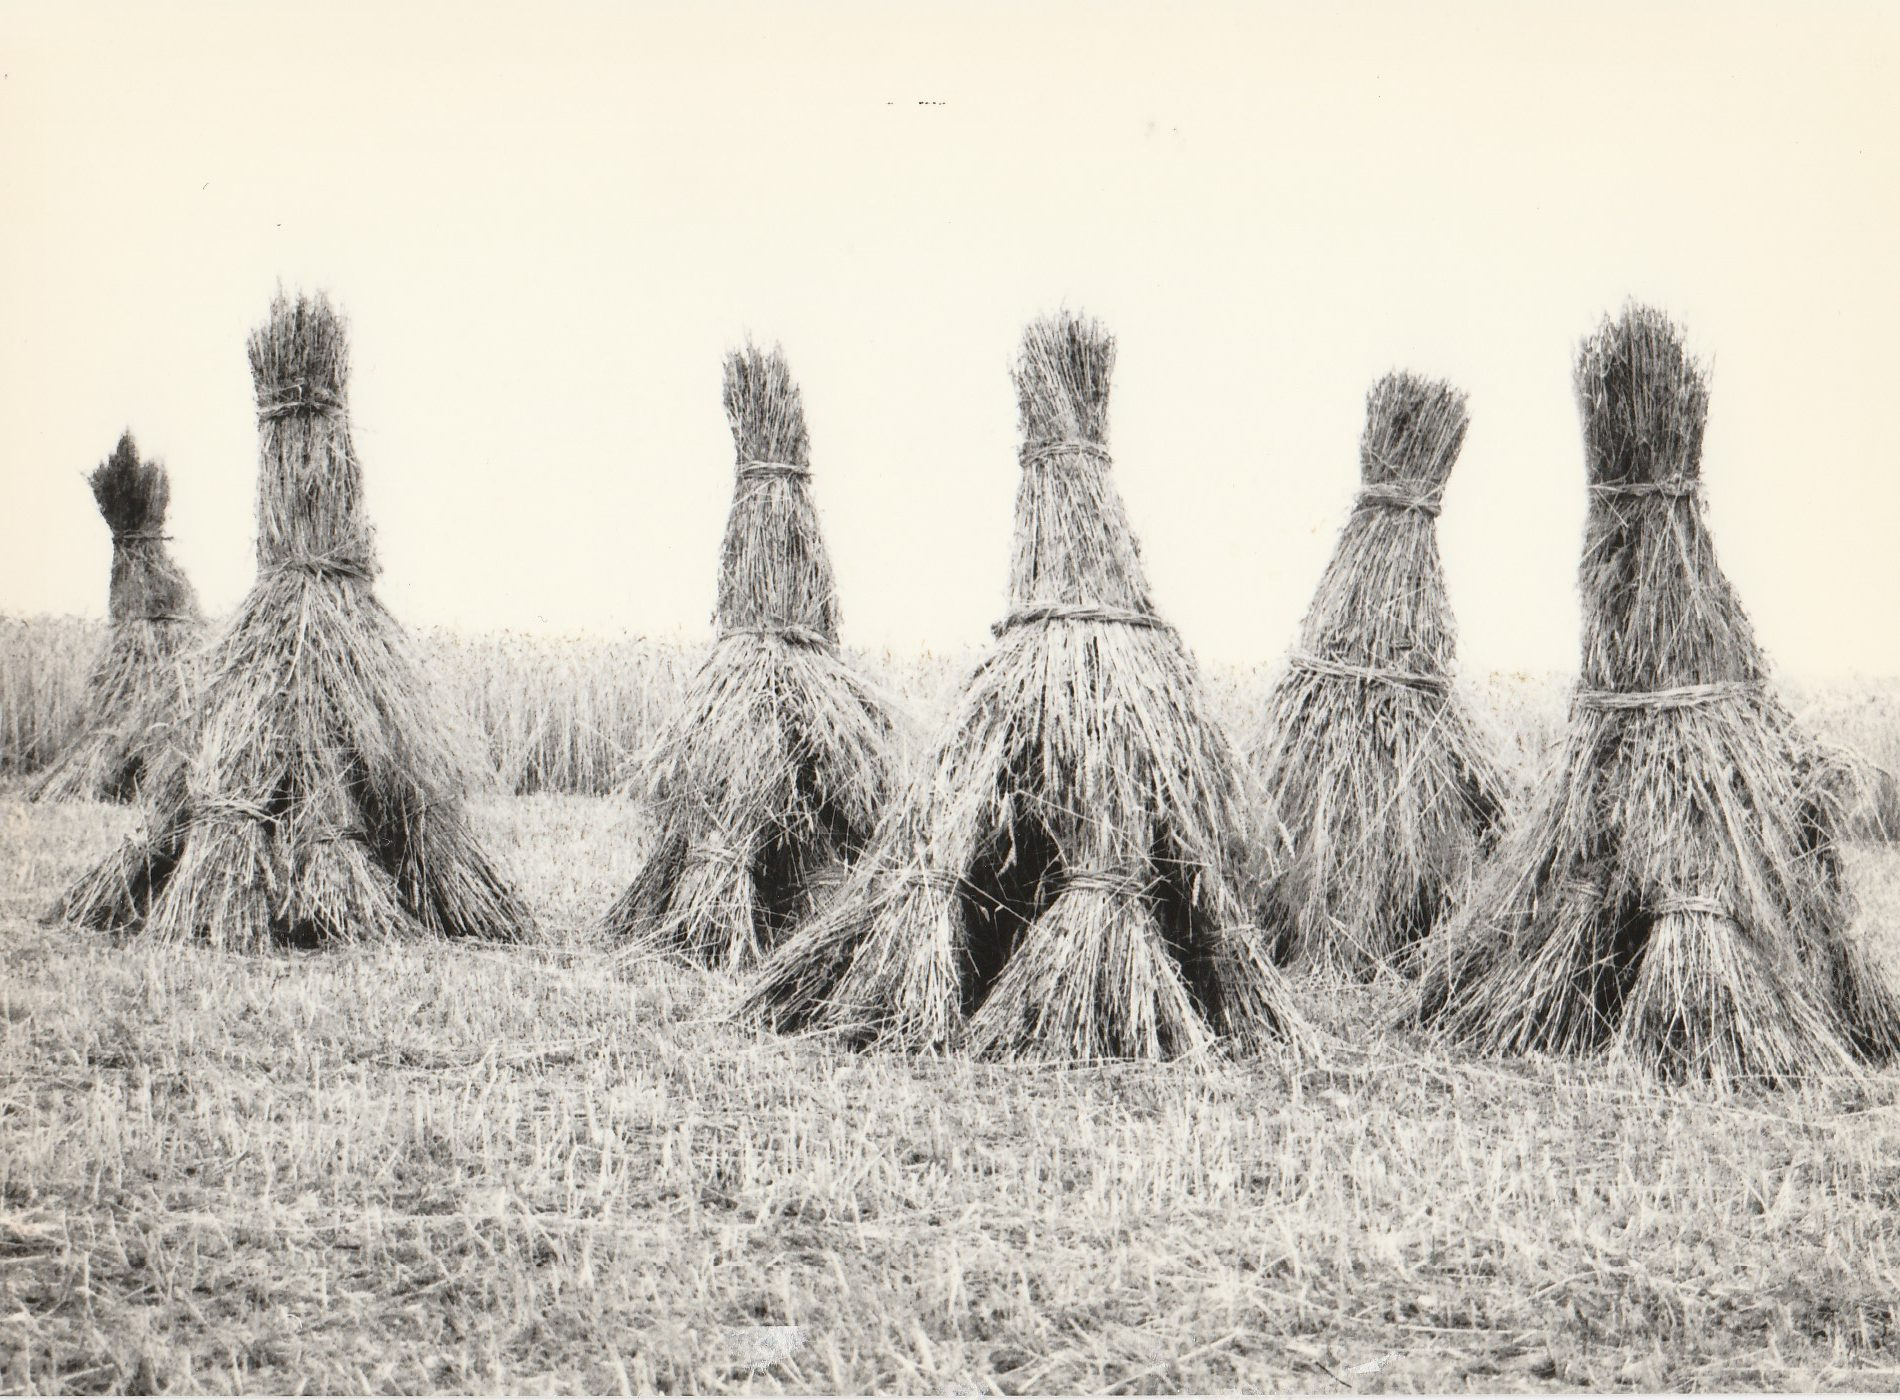 Ein Roggenfeld mit sechs gebundenen Kornrittern.